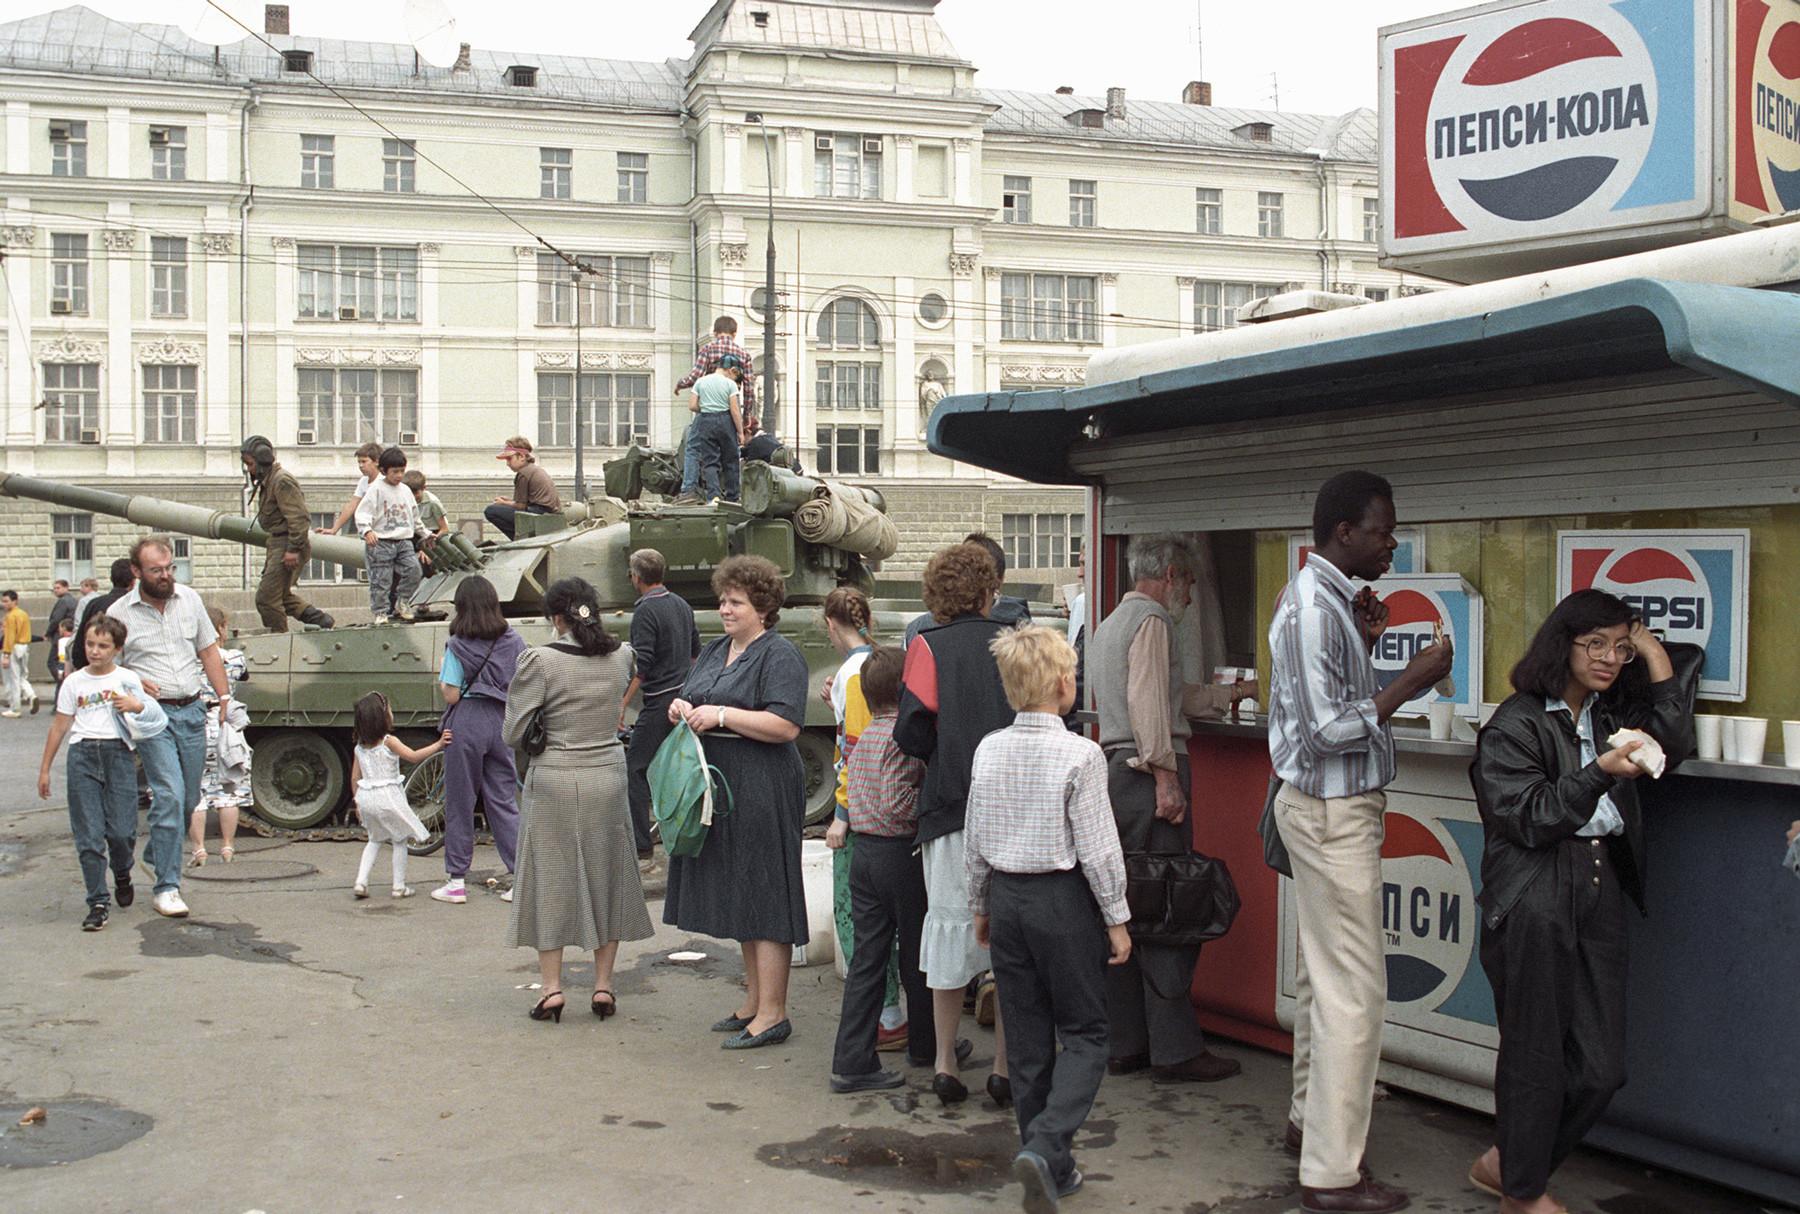 Тенк на една московска улица за време на августовскиот пуч од 1991 година.